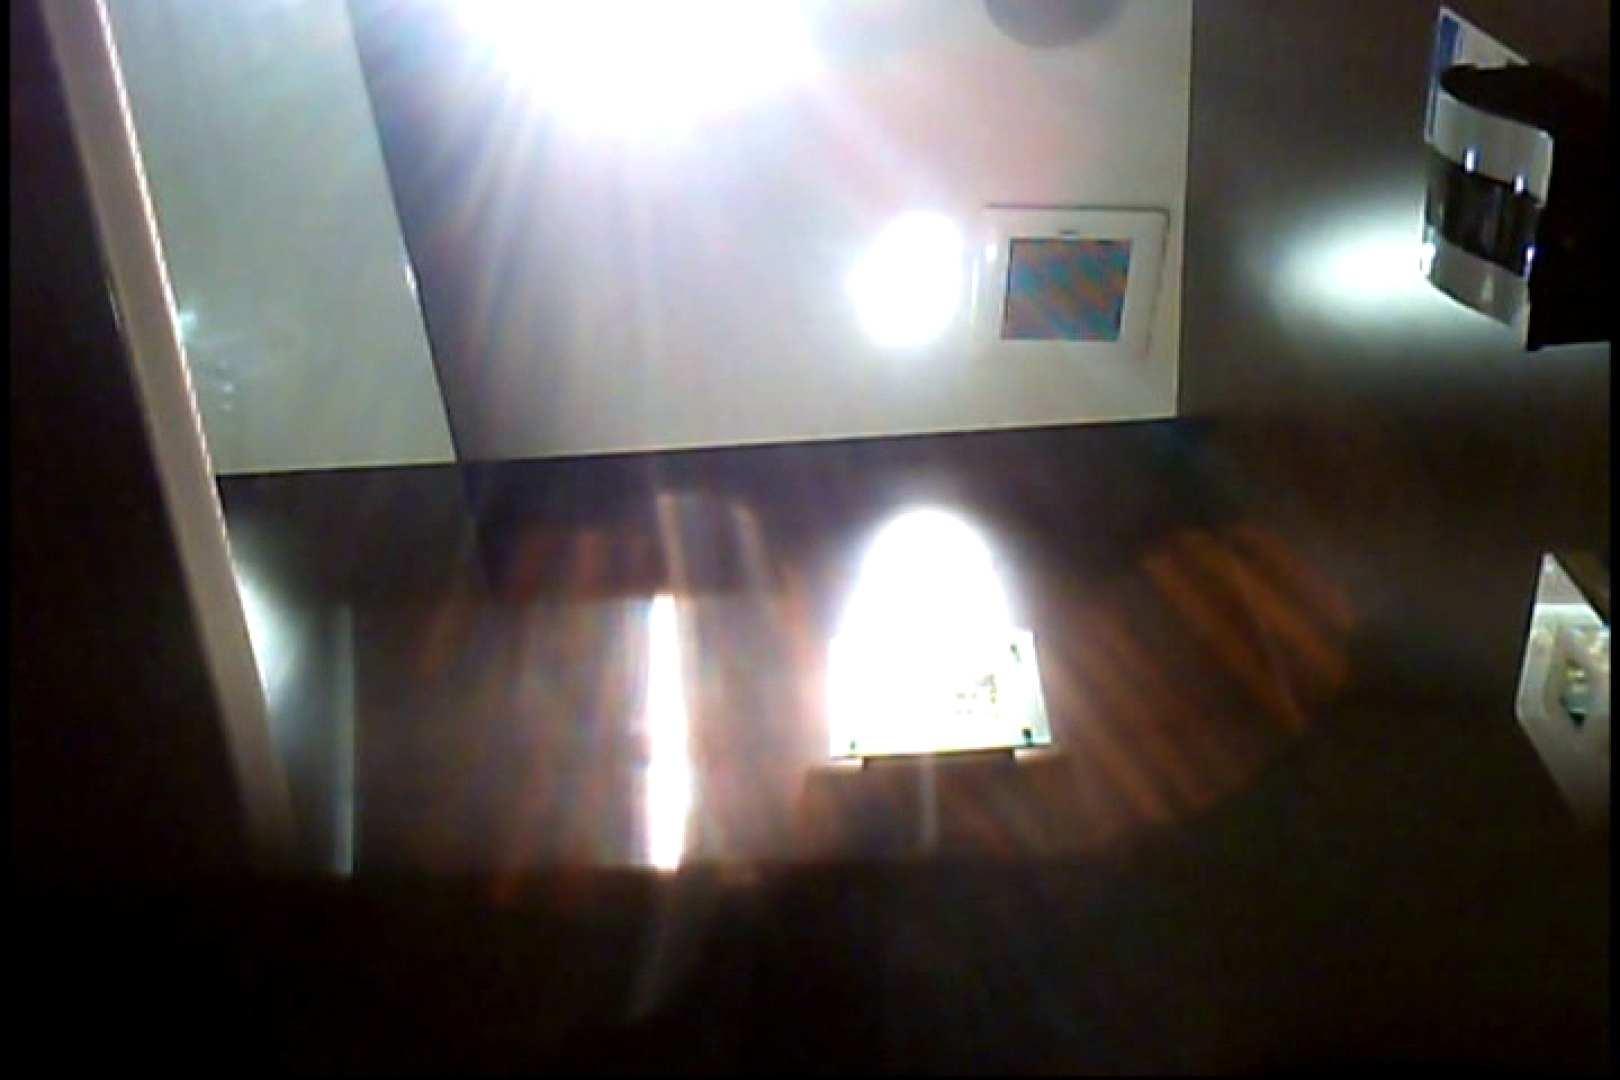 亀さんかわや VIPバージョン! vol.38 マンコ・ムレムレ アダルト動画キャプチャ 107pic 26